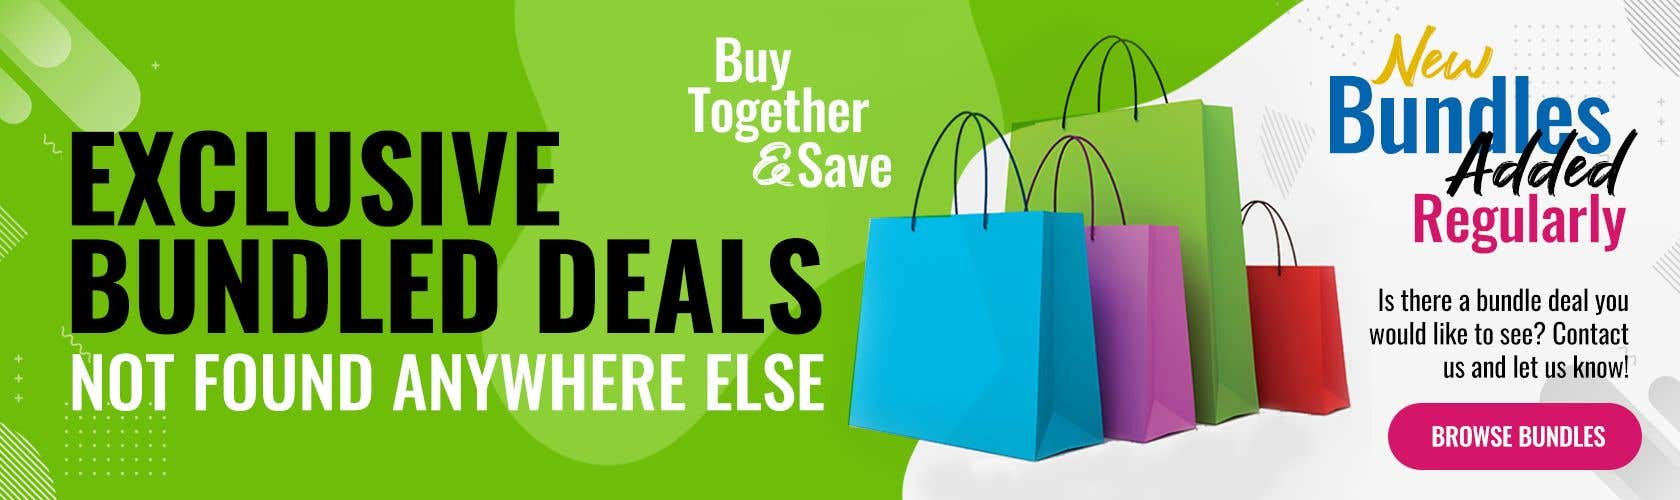 Konkurrenceindlæg #                                        47                                      for                                         Need Bundle Deals Banners for Website